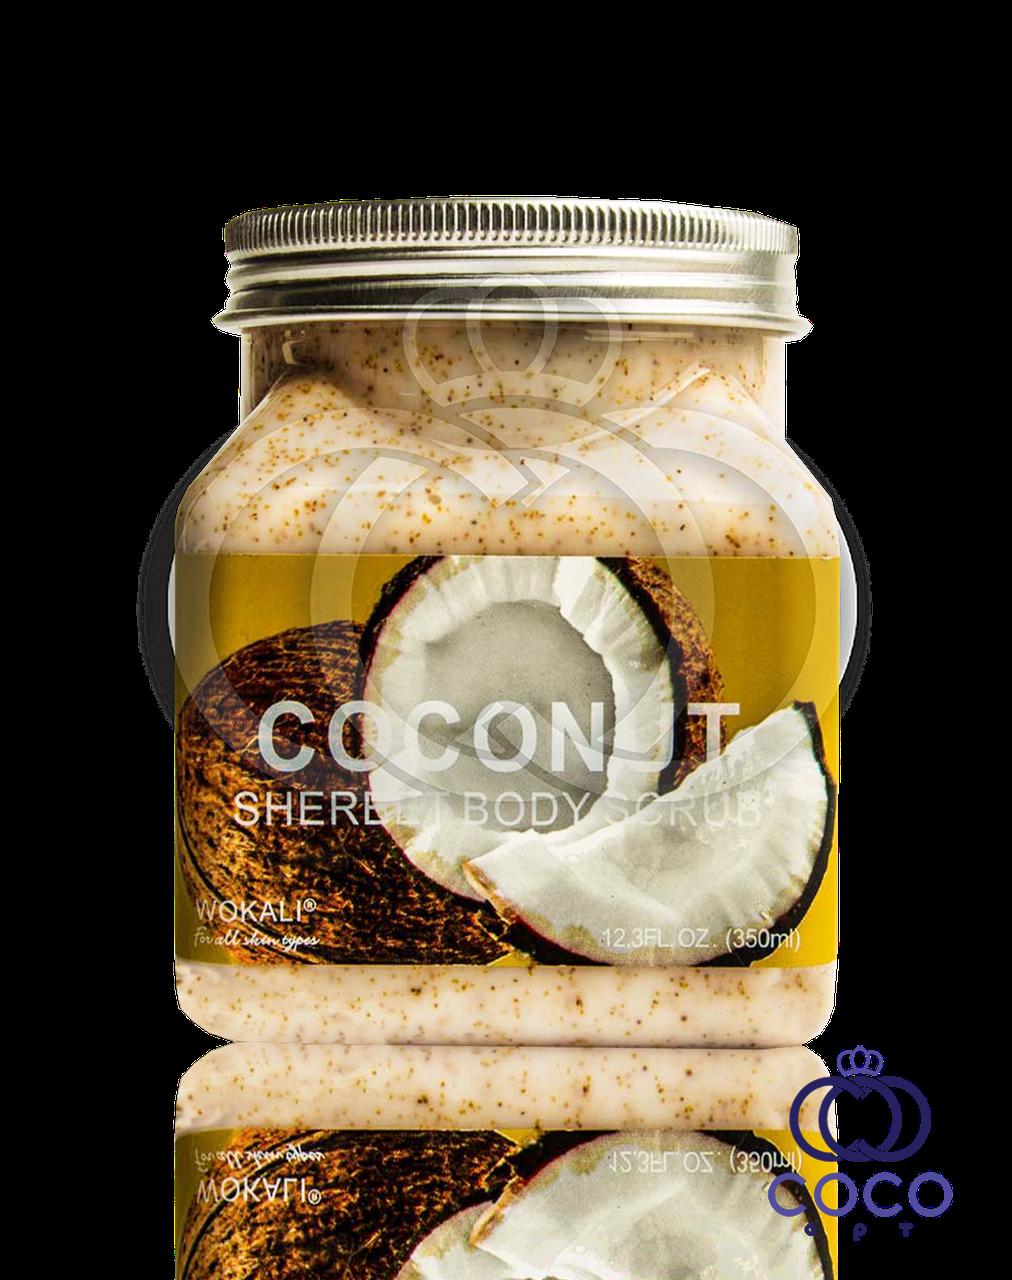 Скраб для тела Wokali Coconut Sherbet Body Scrub с экстрактом кокоса